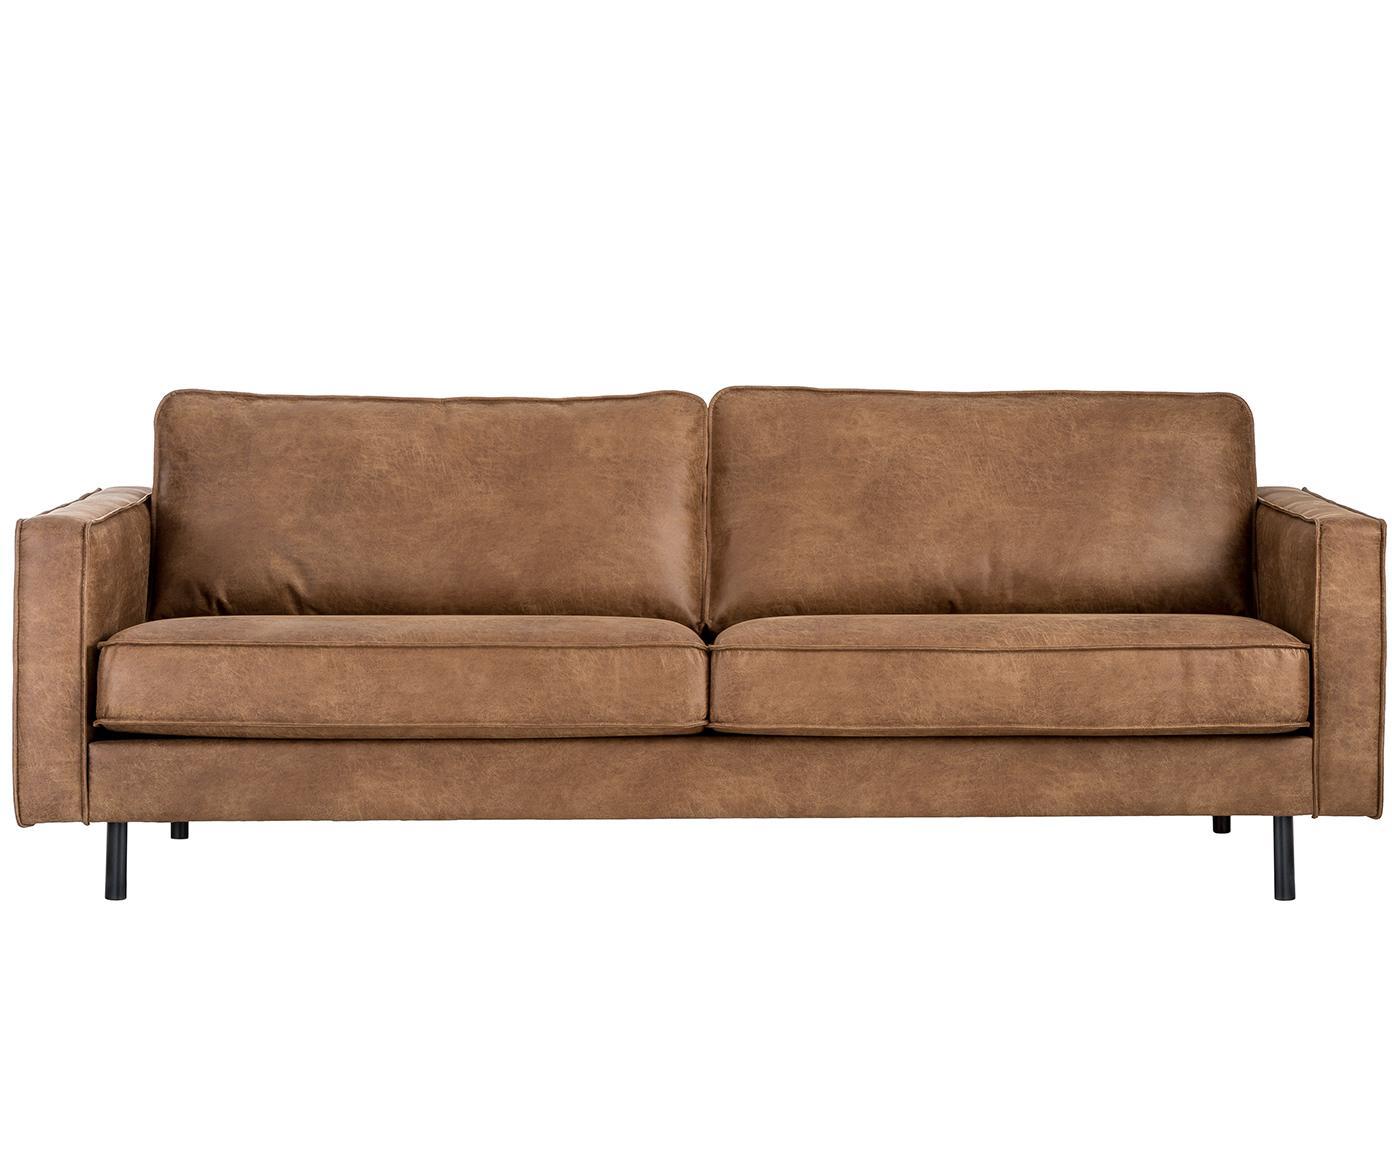 Sofá Hunter (3plazas), Tapizado: 70%cuero reciclado, 30%, Estructura: madera de abedul maciza y, Patas: metal con pintura en polv, Marrón, An 219 x F 90 cm